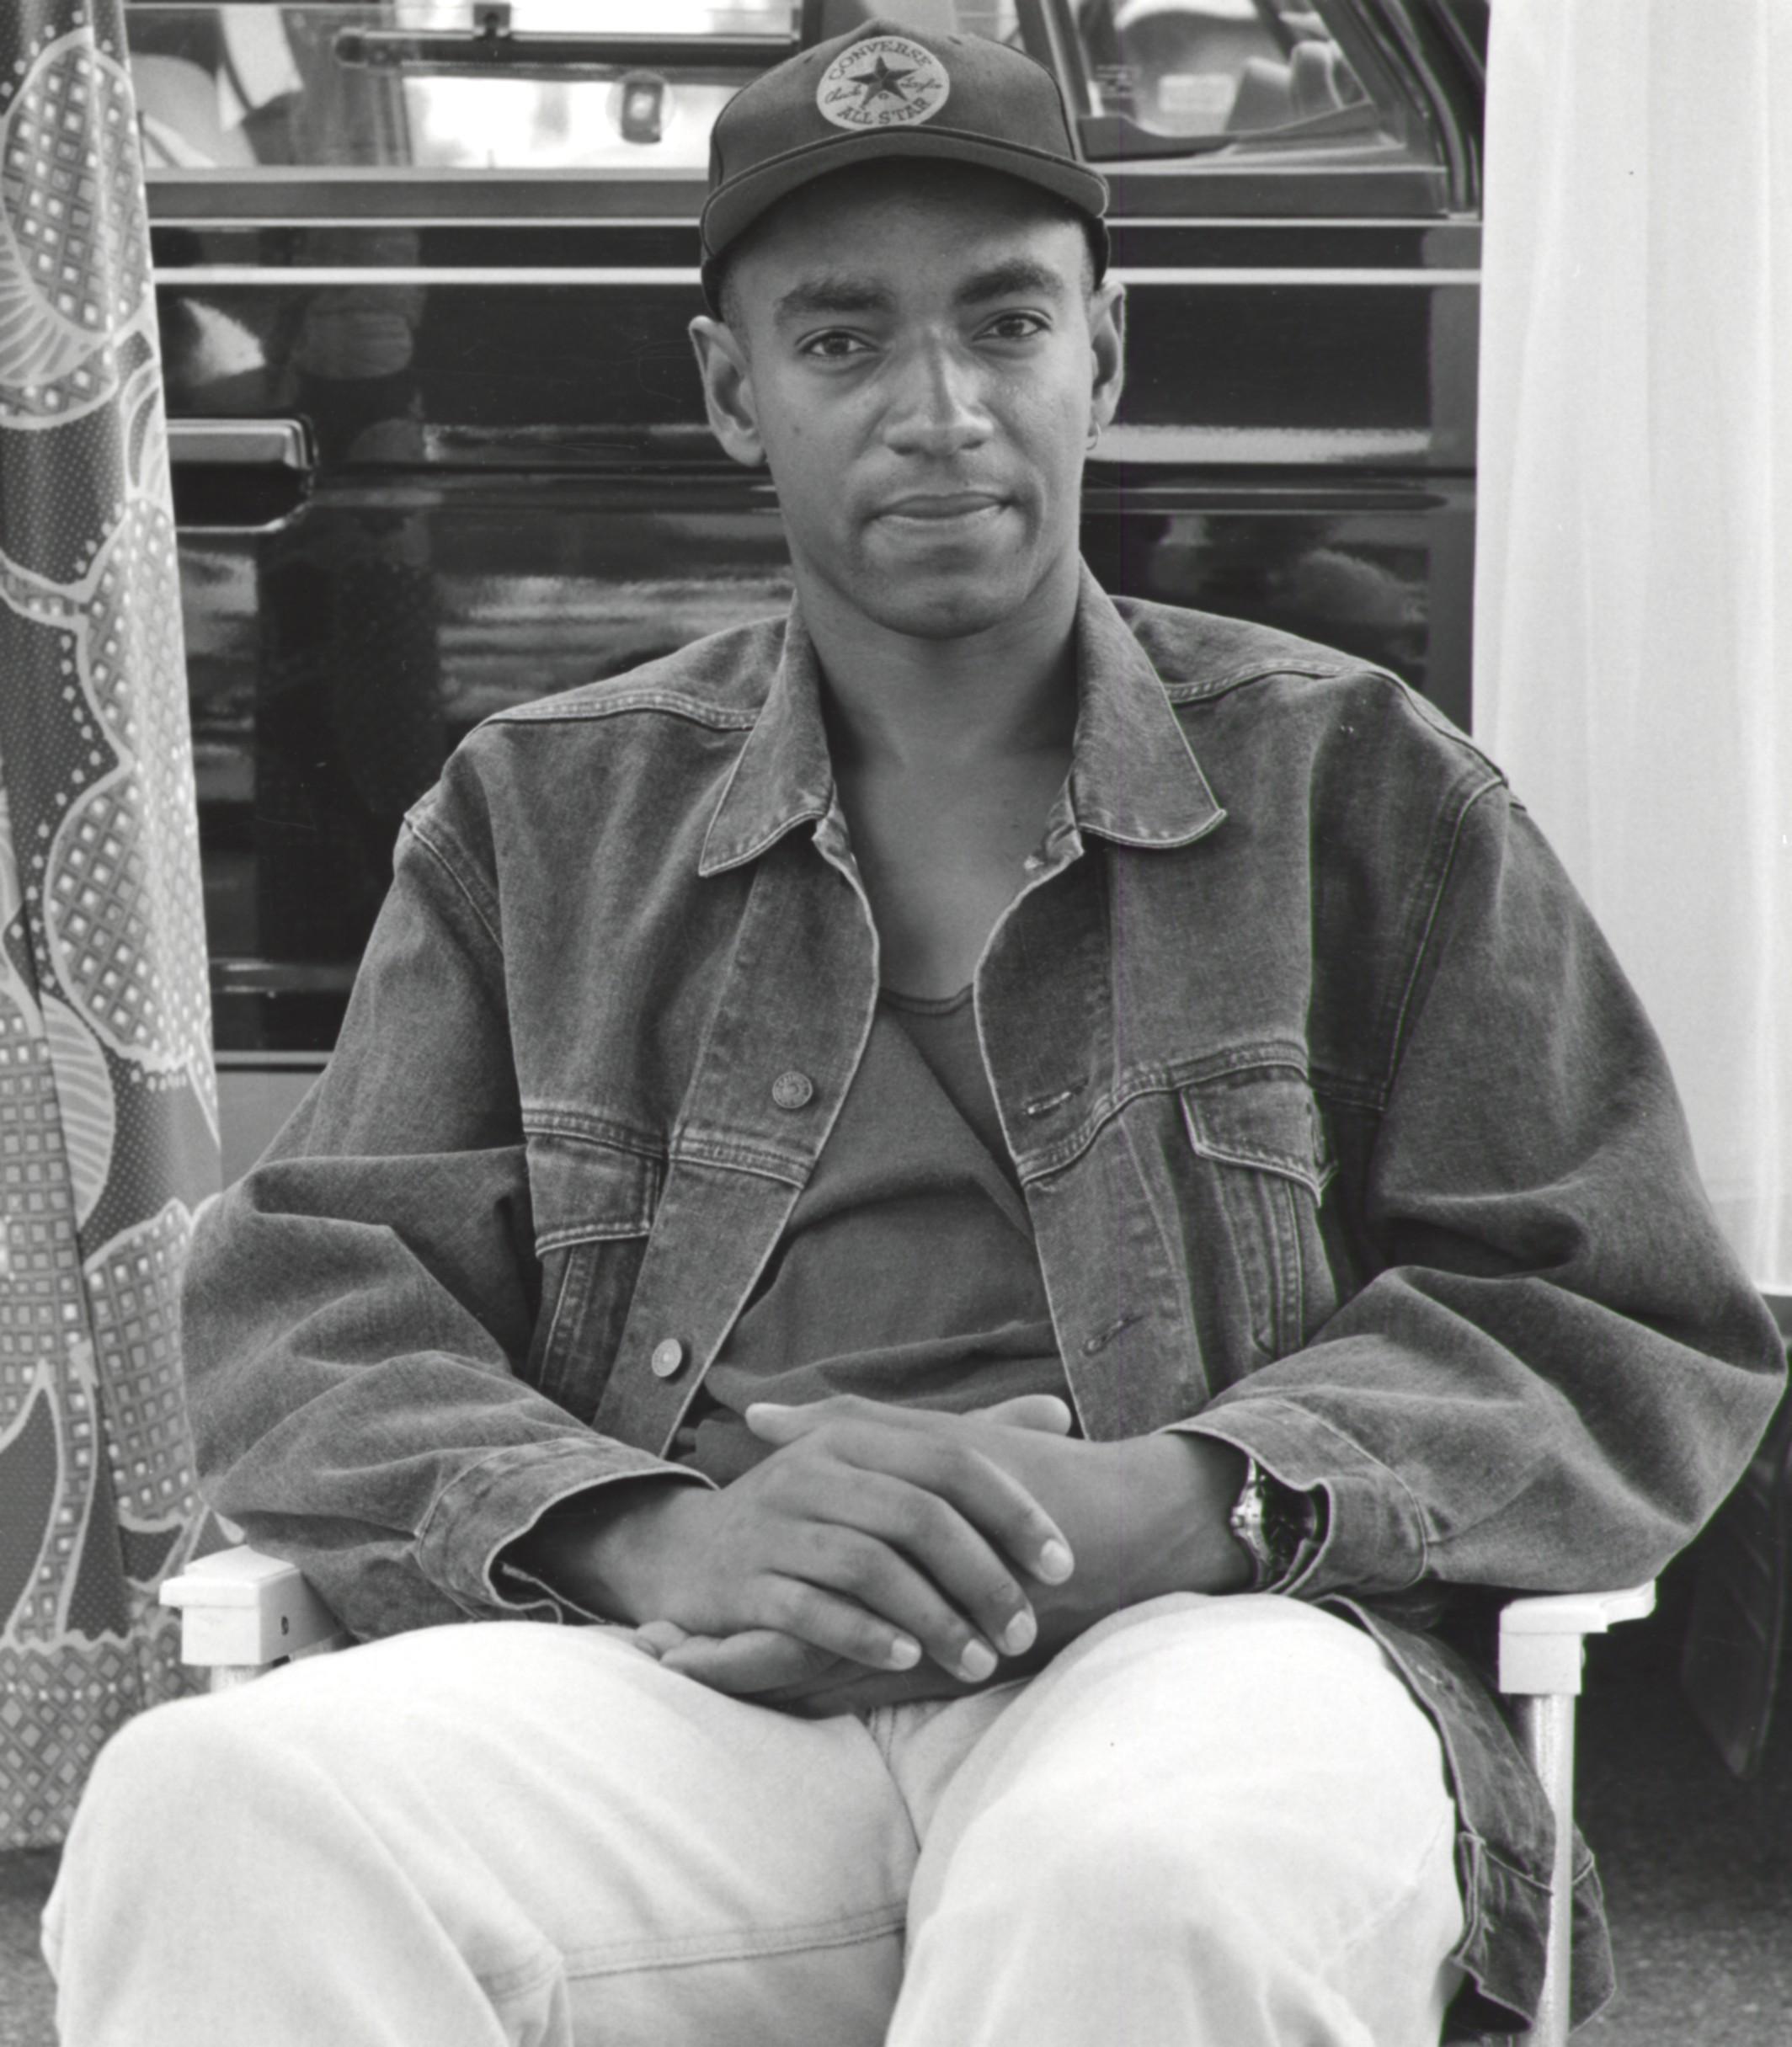 Ron - Pasadena CA 1995